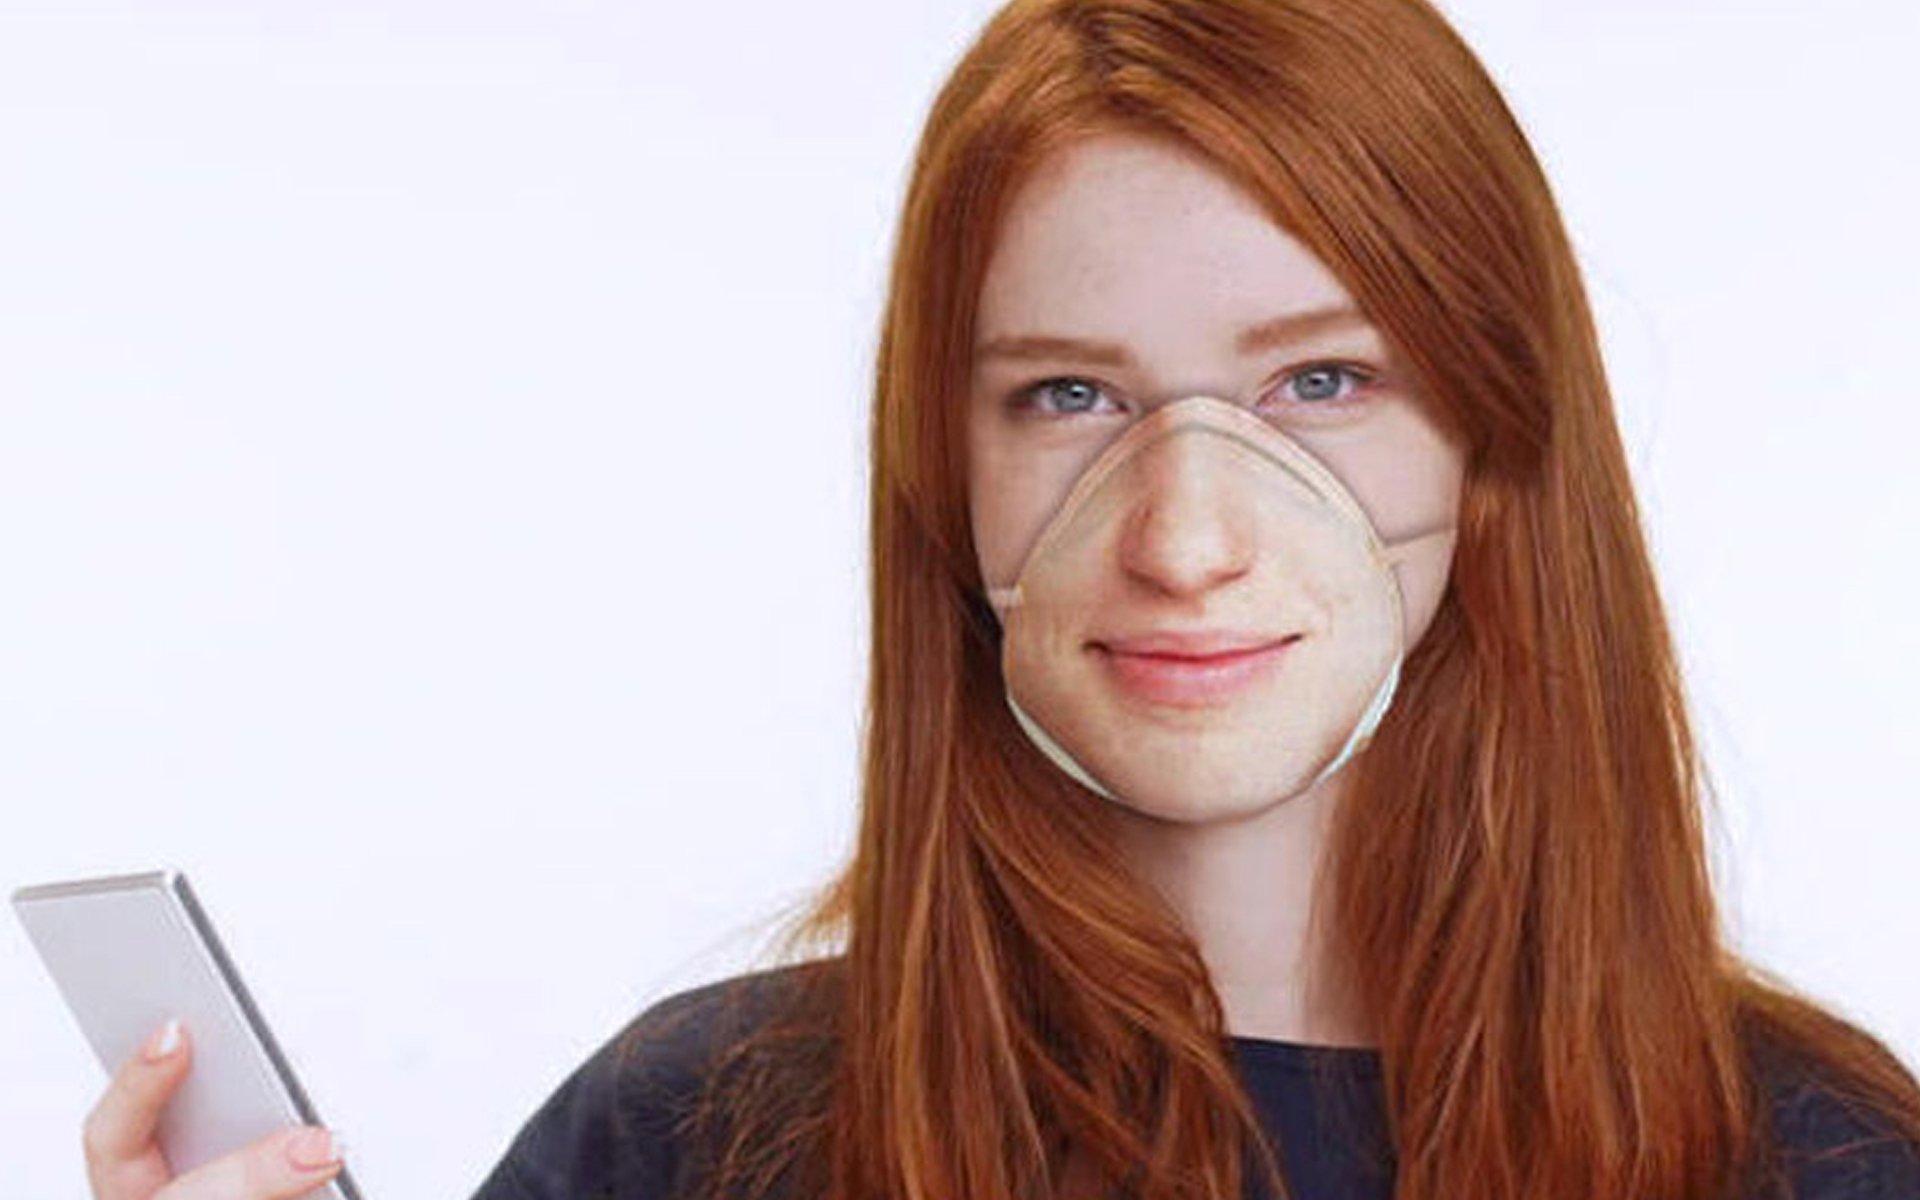 resting risk face, mascherina riconoscimento facciale, coronavirus